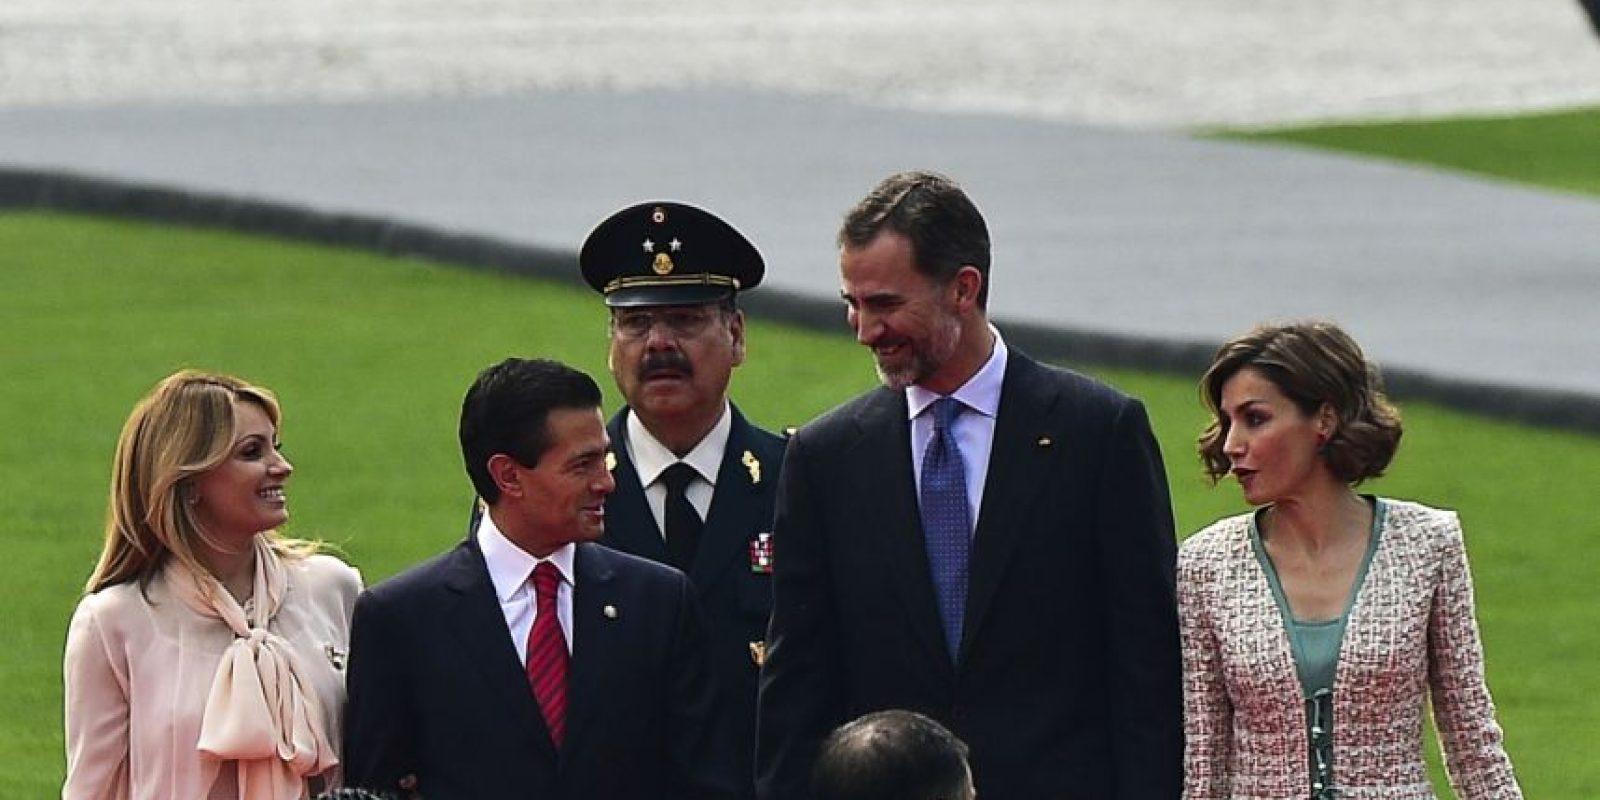 Por su parte, el presidente Peña Nieto recibió la Condecoración Carlos III, en grado de Collar y la primera dama Angélica Rivera en grado de Gran Cruz. Foto:AFP